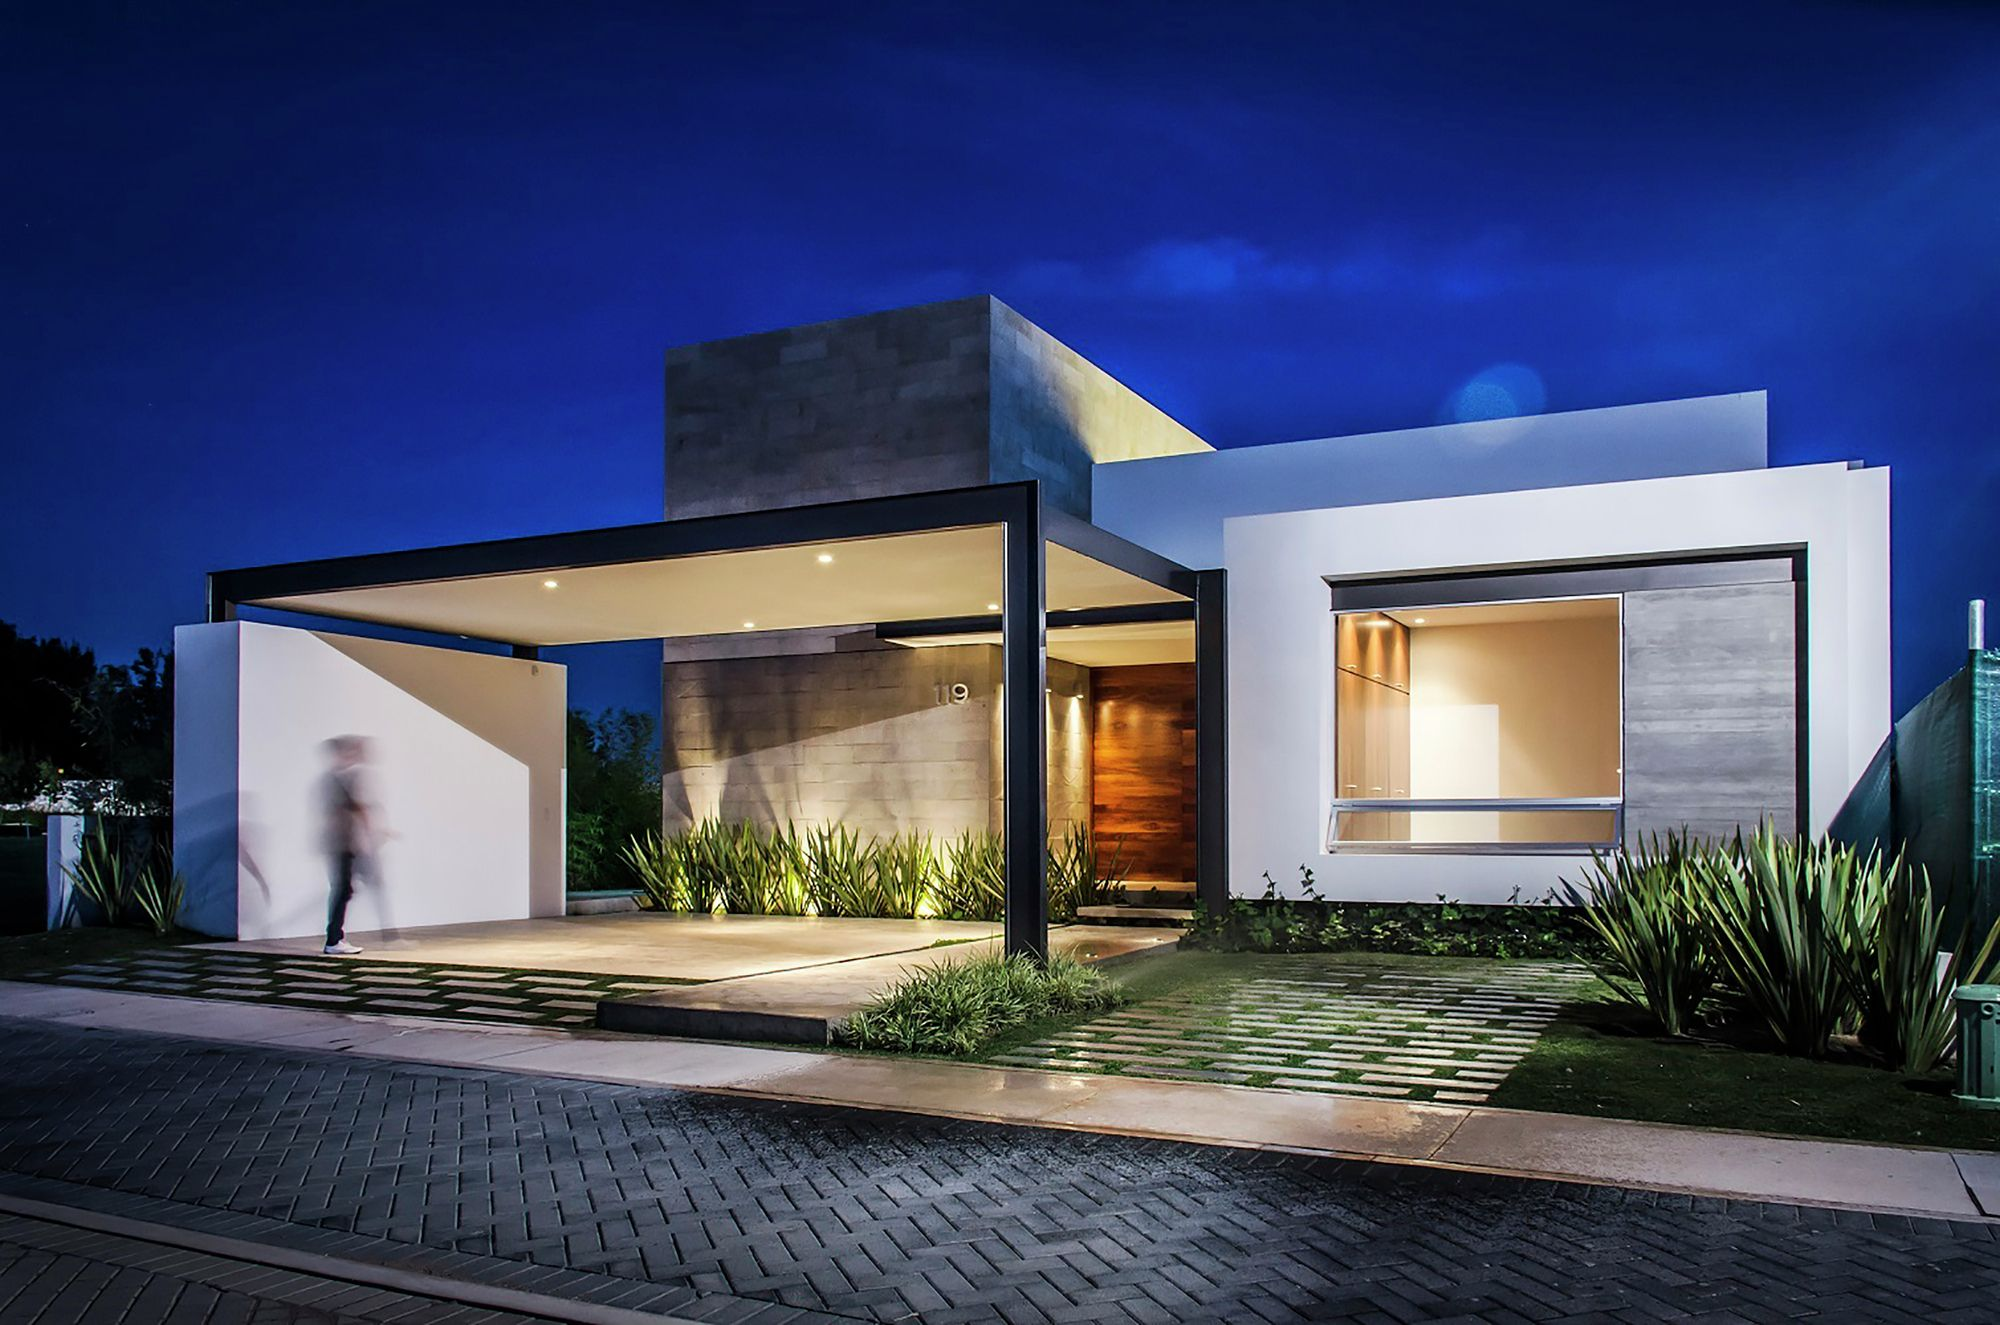 dise o de casa moderna de un piso con tres dormitorios